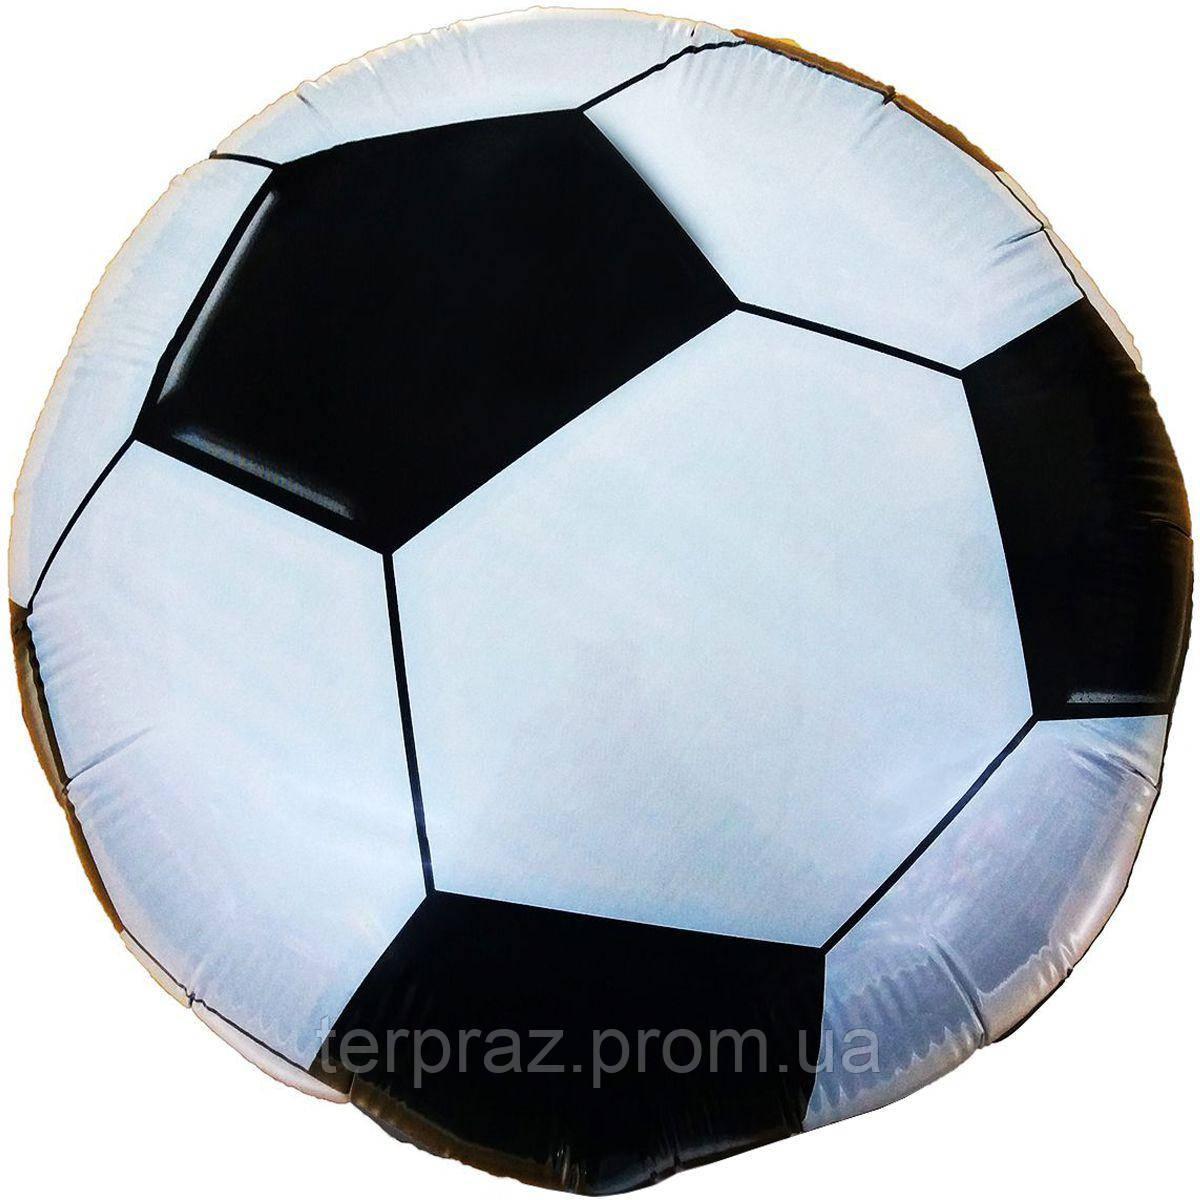 """Фольгированные шары с рисунком  18"""" футбольный мяч/fm"""